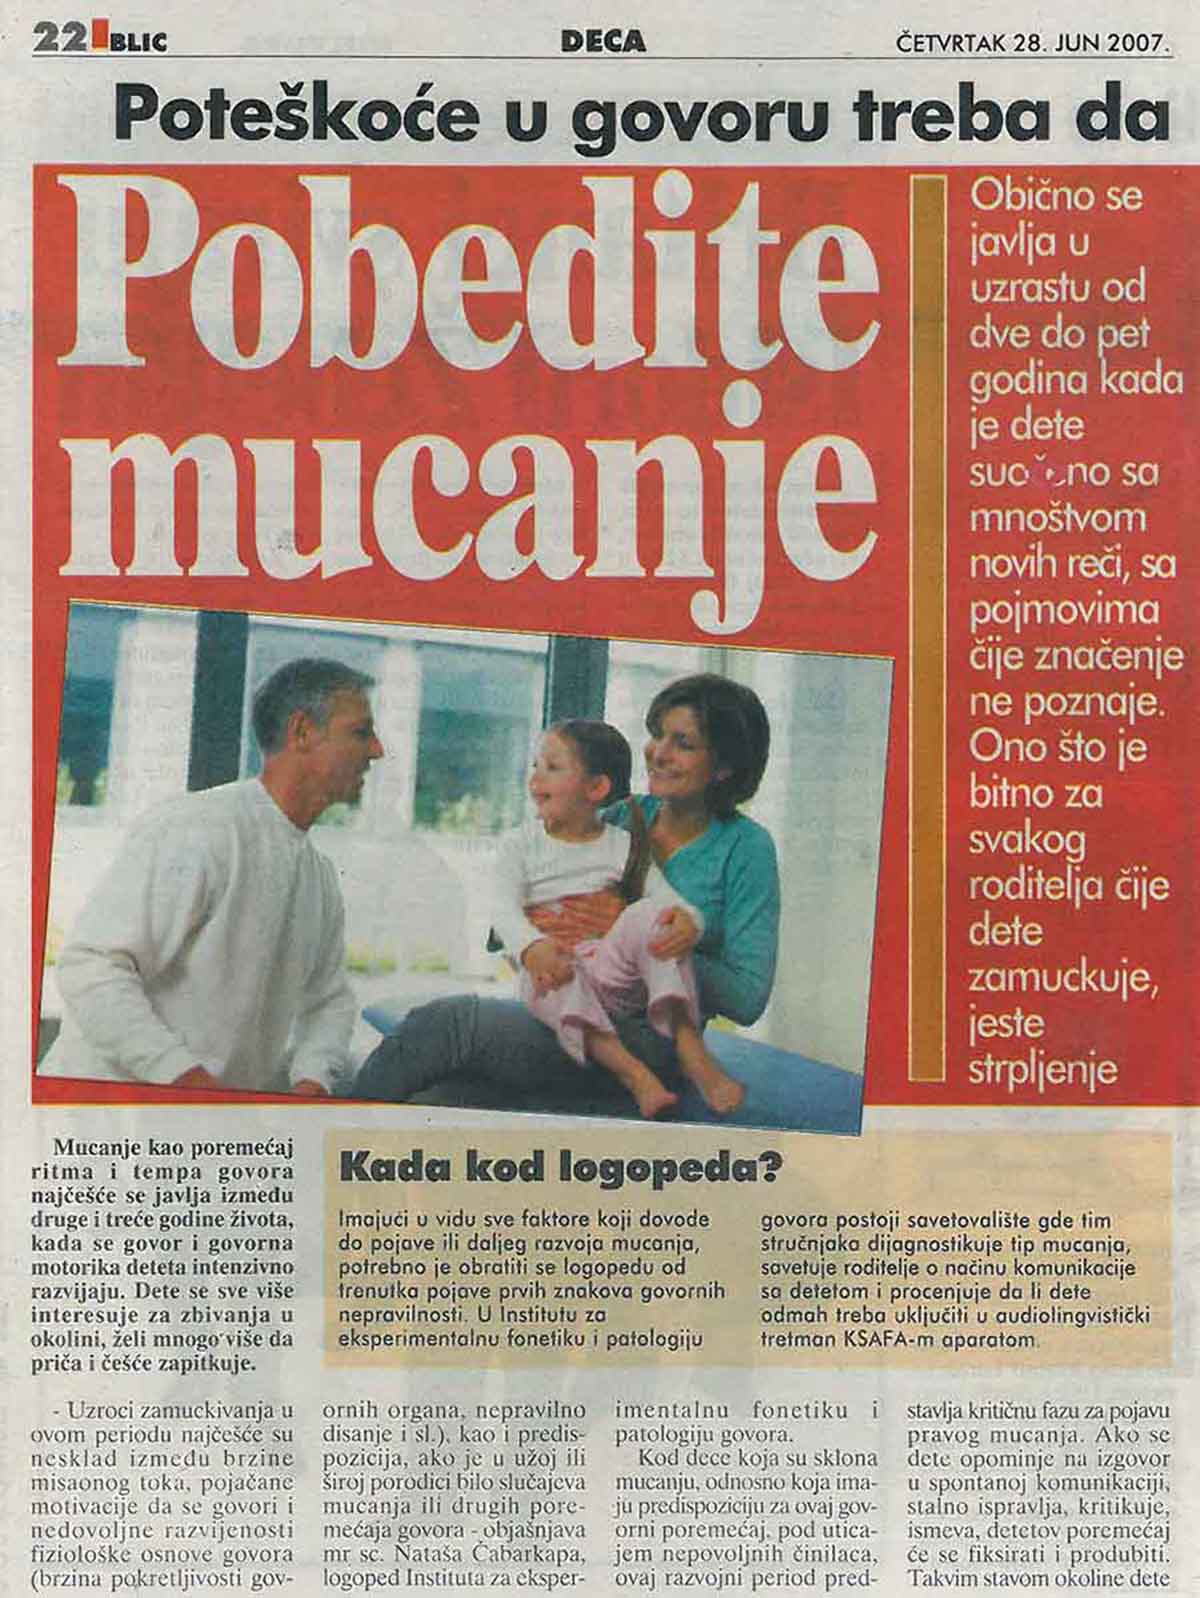 Pobedite mucanje – Blic 28.06.2007